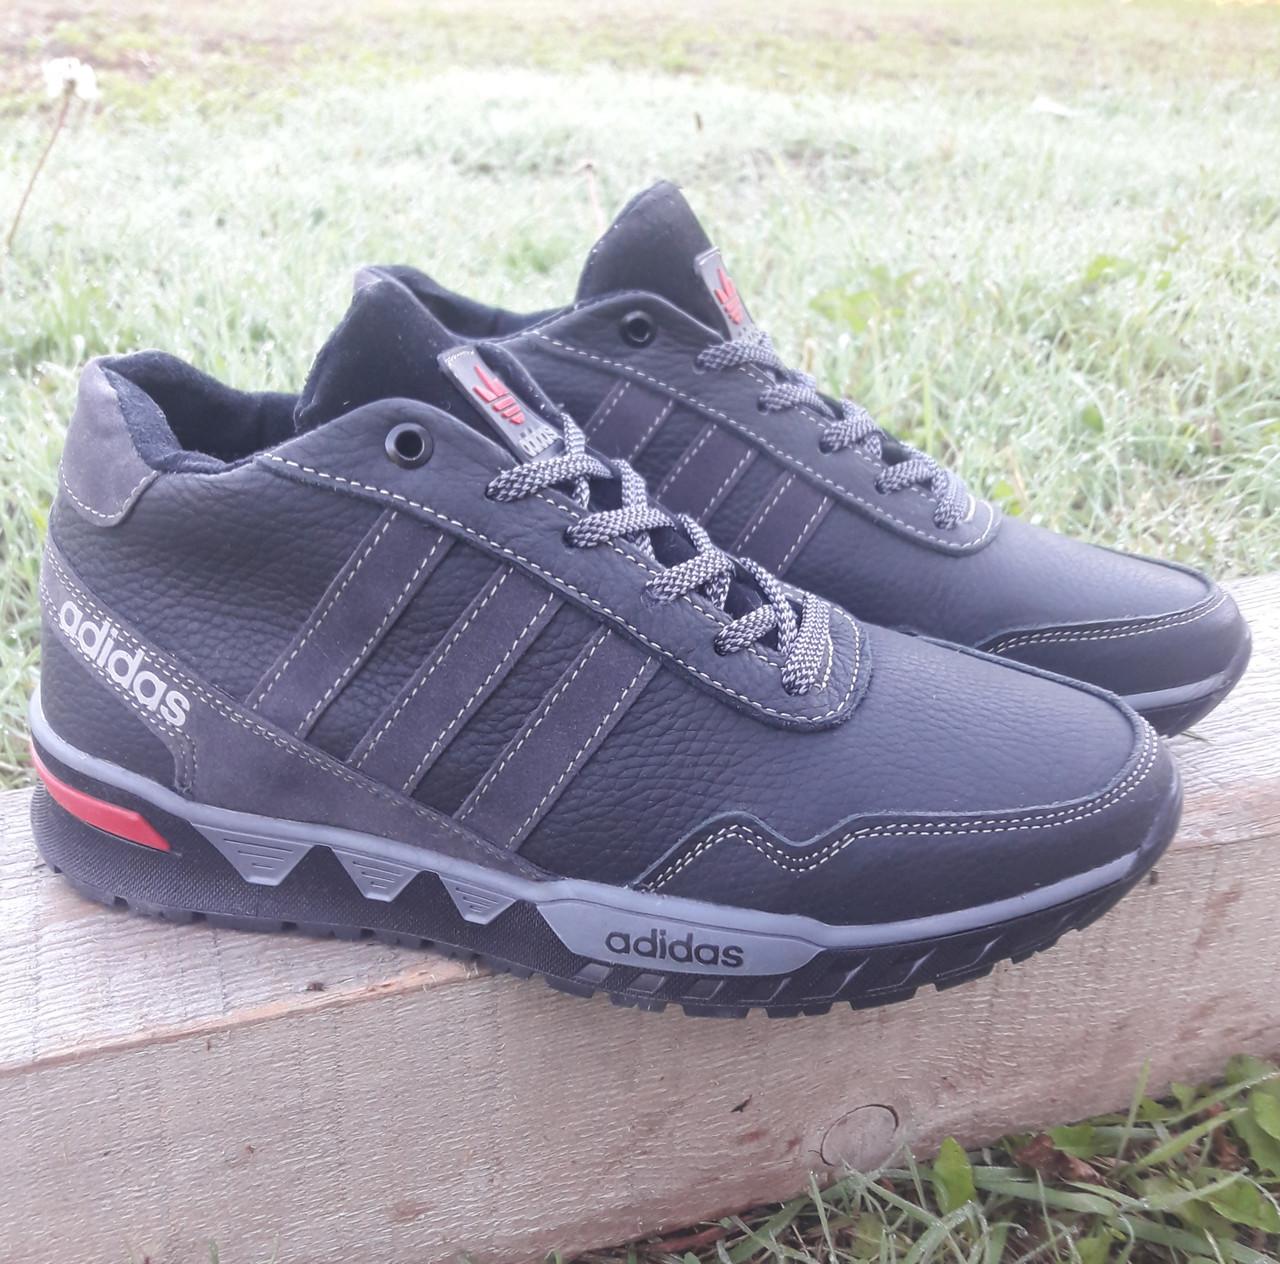 Кросівки чоловічі зимові Adidas р. 40 шкіра Харків чорні